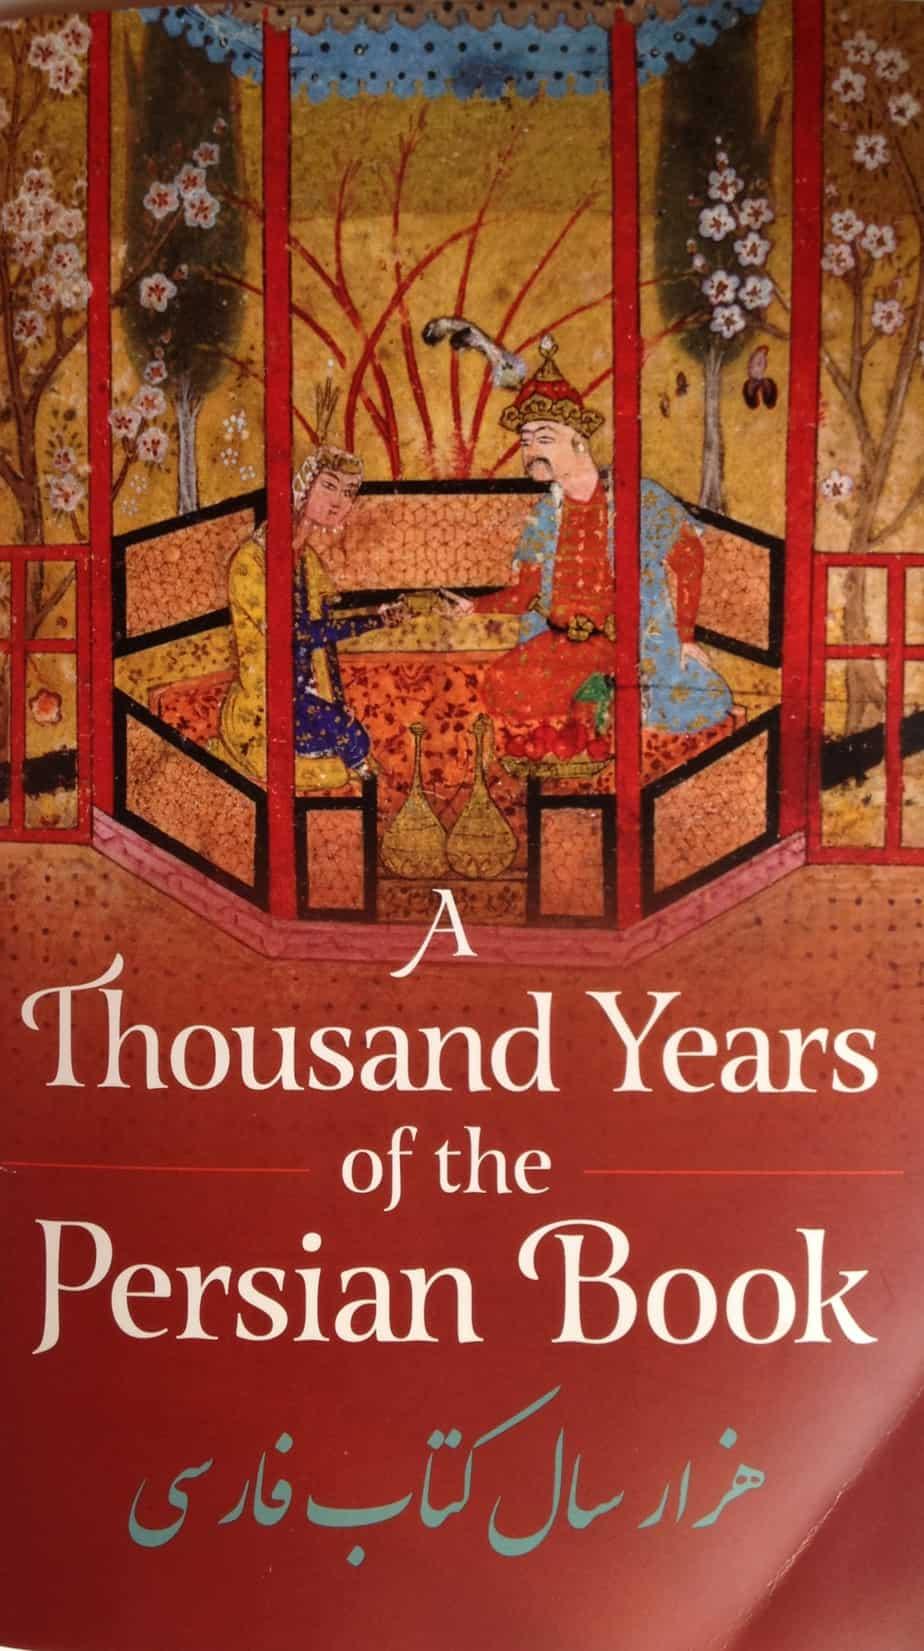 هزار سال کتاب فارسی در کتابخانه کنگره